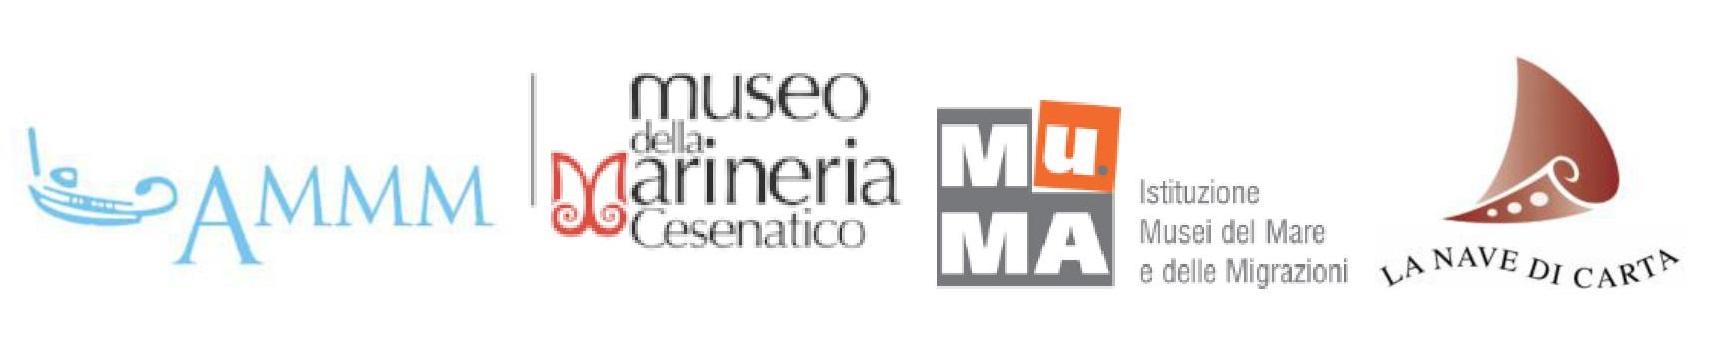 logo promotorijpg